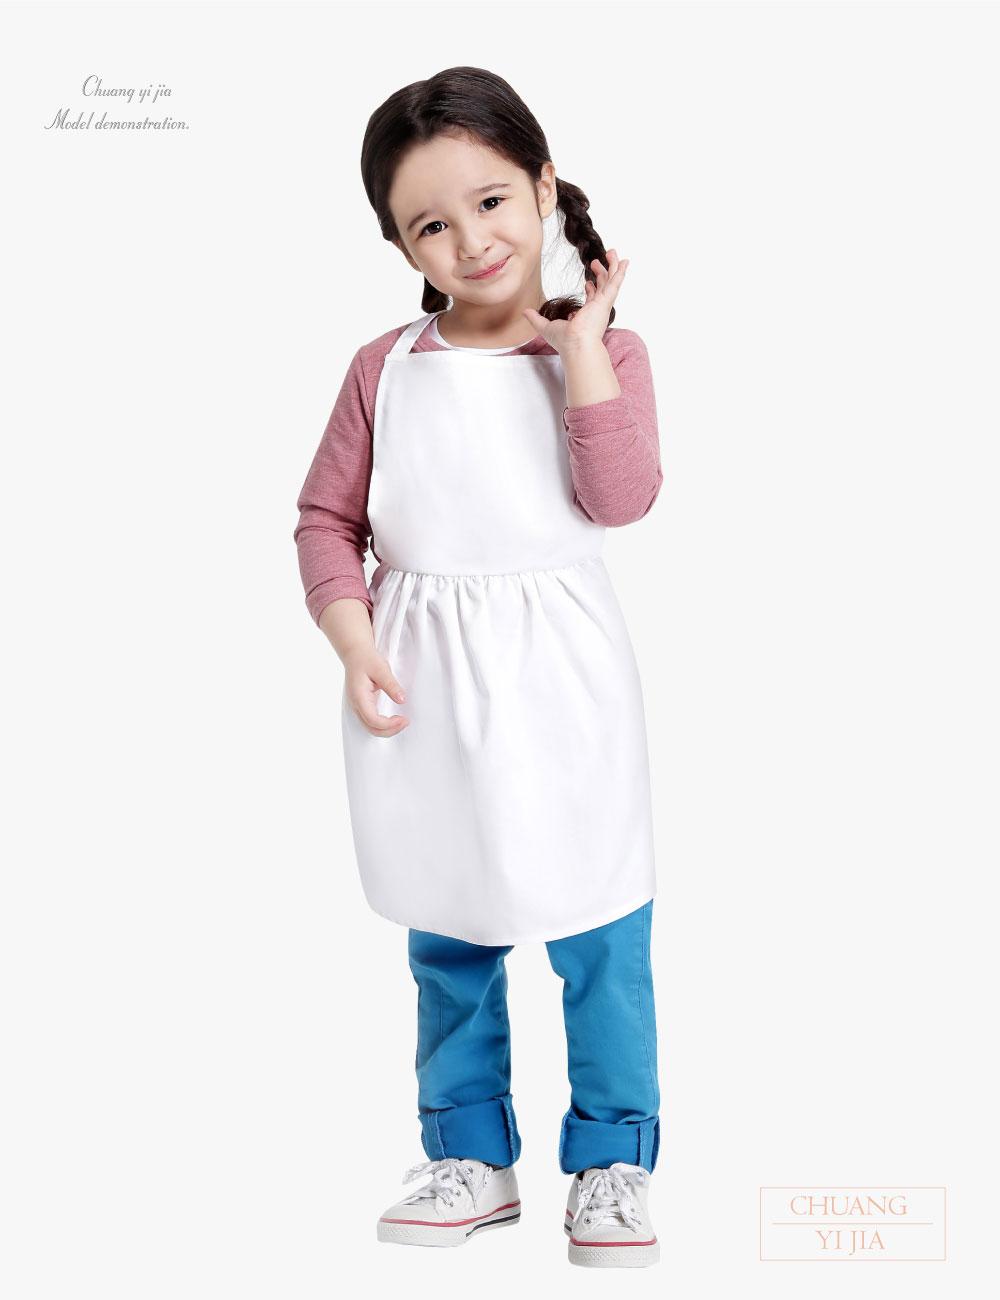 兒童才藝圍裙,料理圍裙,專業圍裙,廚師圍裙,烘培圍裙,園藝圍裙,防髒圍裙,日式圍裙,半截圍裙,圍裙訂製,職人日式圍裙圍,創意家團體服,台灣生產製造